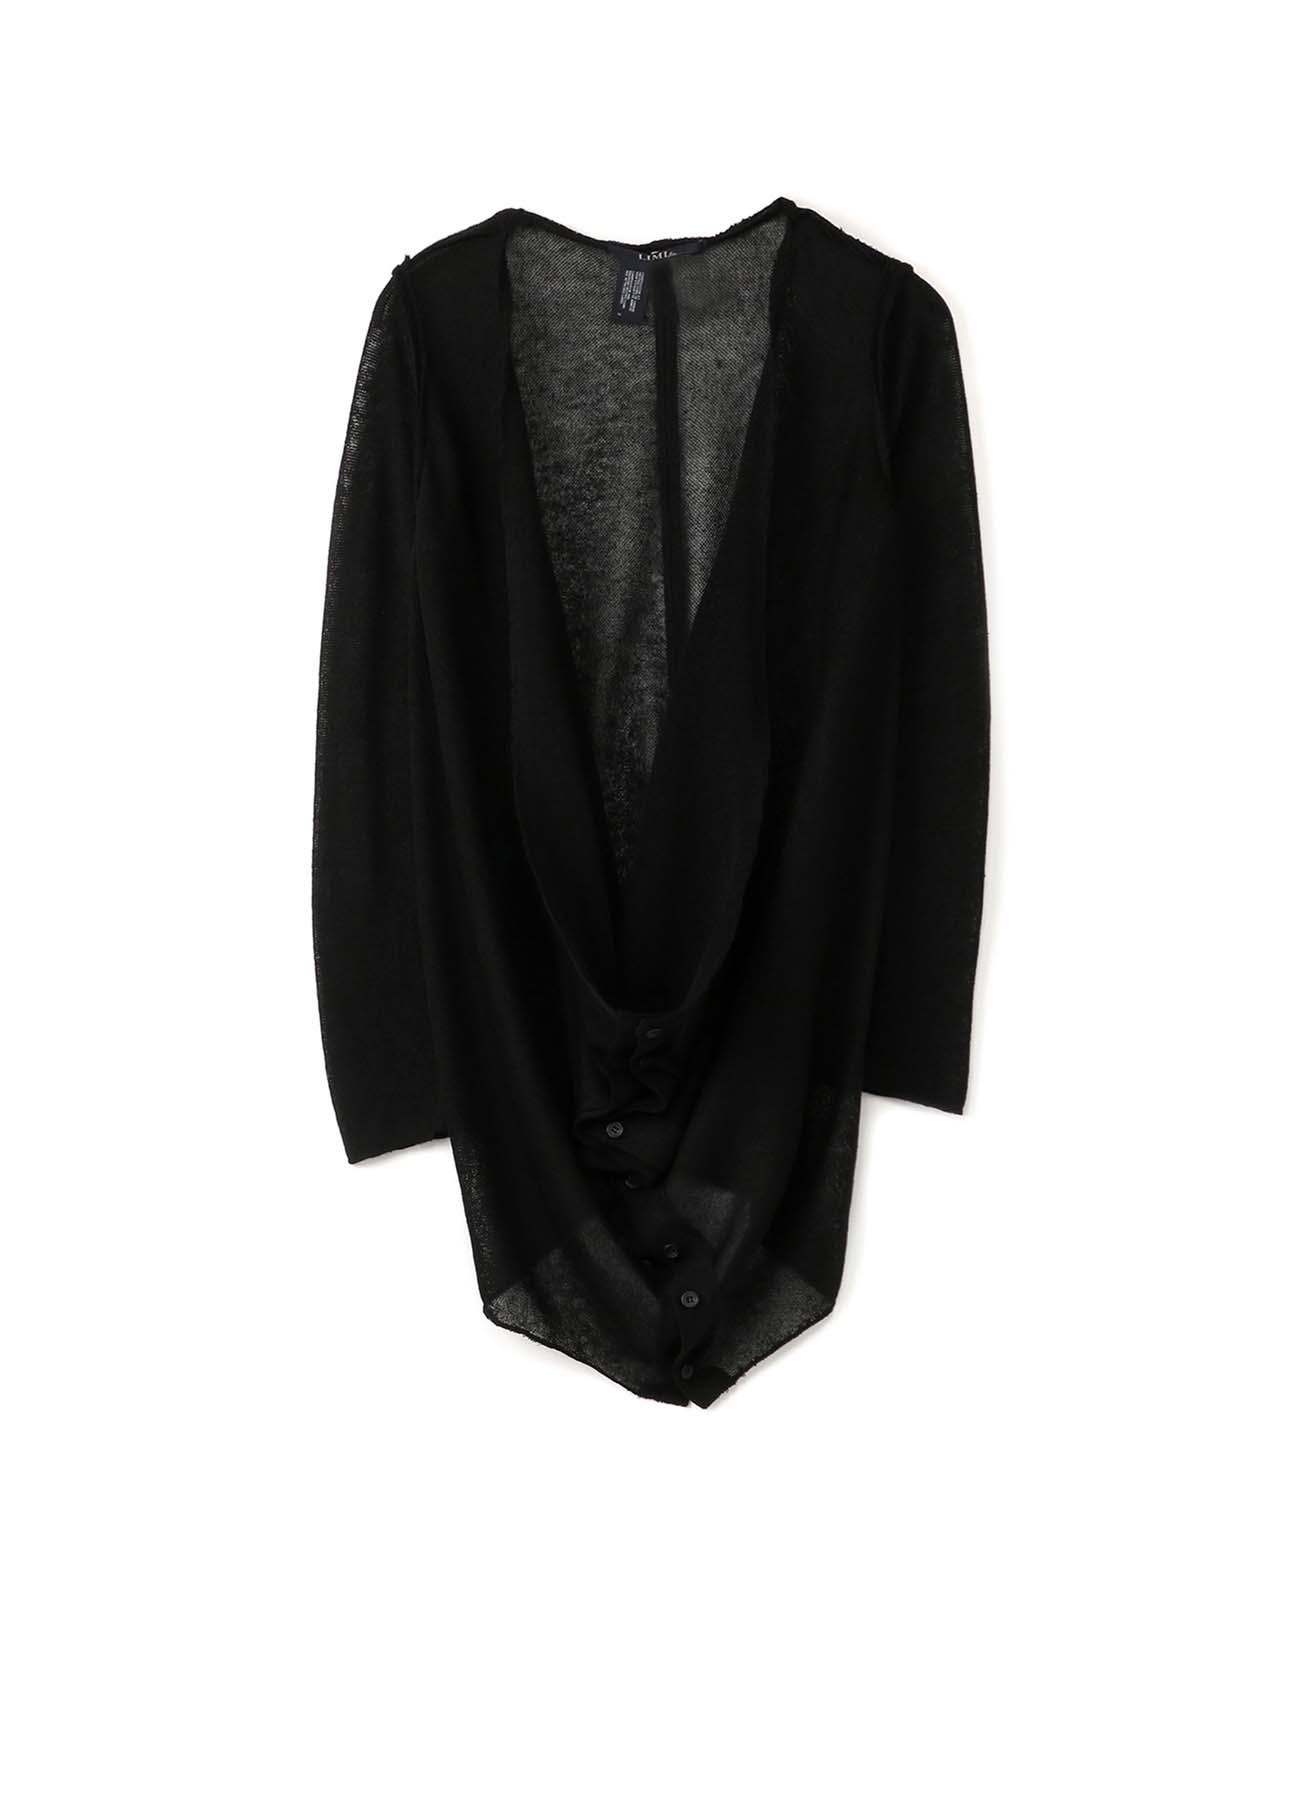 Li/Pe Knitted Plain Stitch Front Draped Cardigan